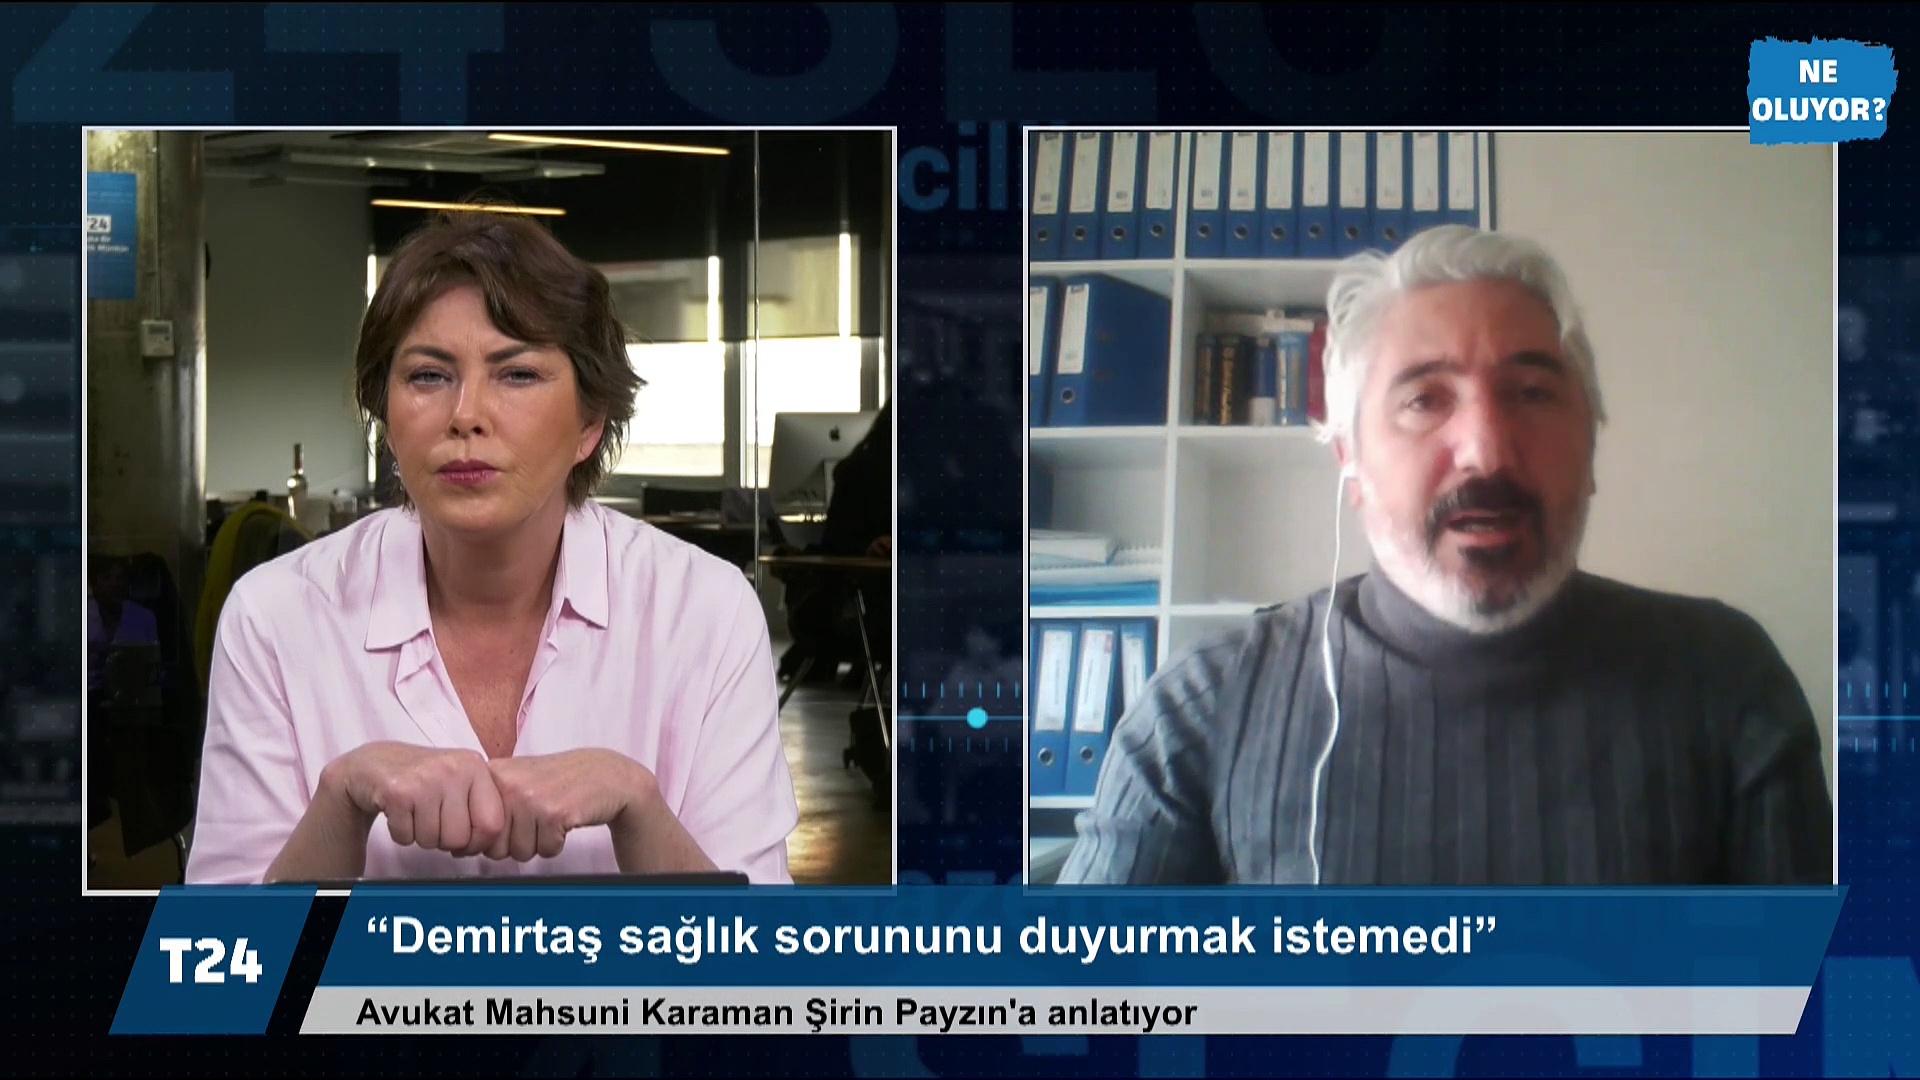 Avukat Karaman: Hekimler, Demirtaş'ın ölümcül bir kalp krizi geçirebileceğini söylüyor; tahliyesini talep edeceğiz